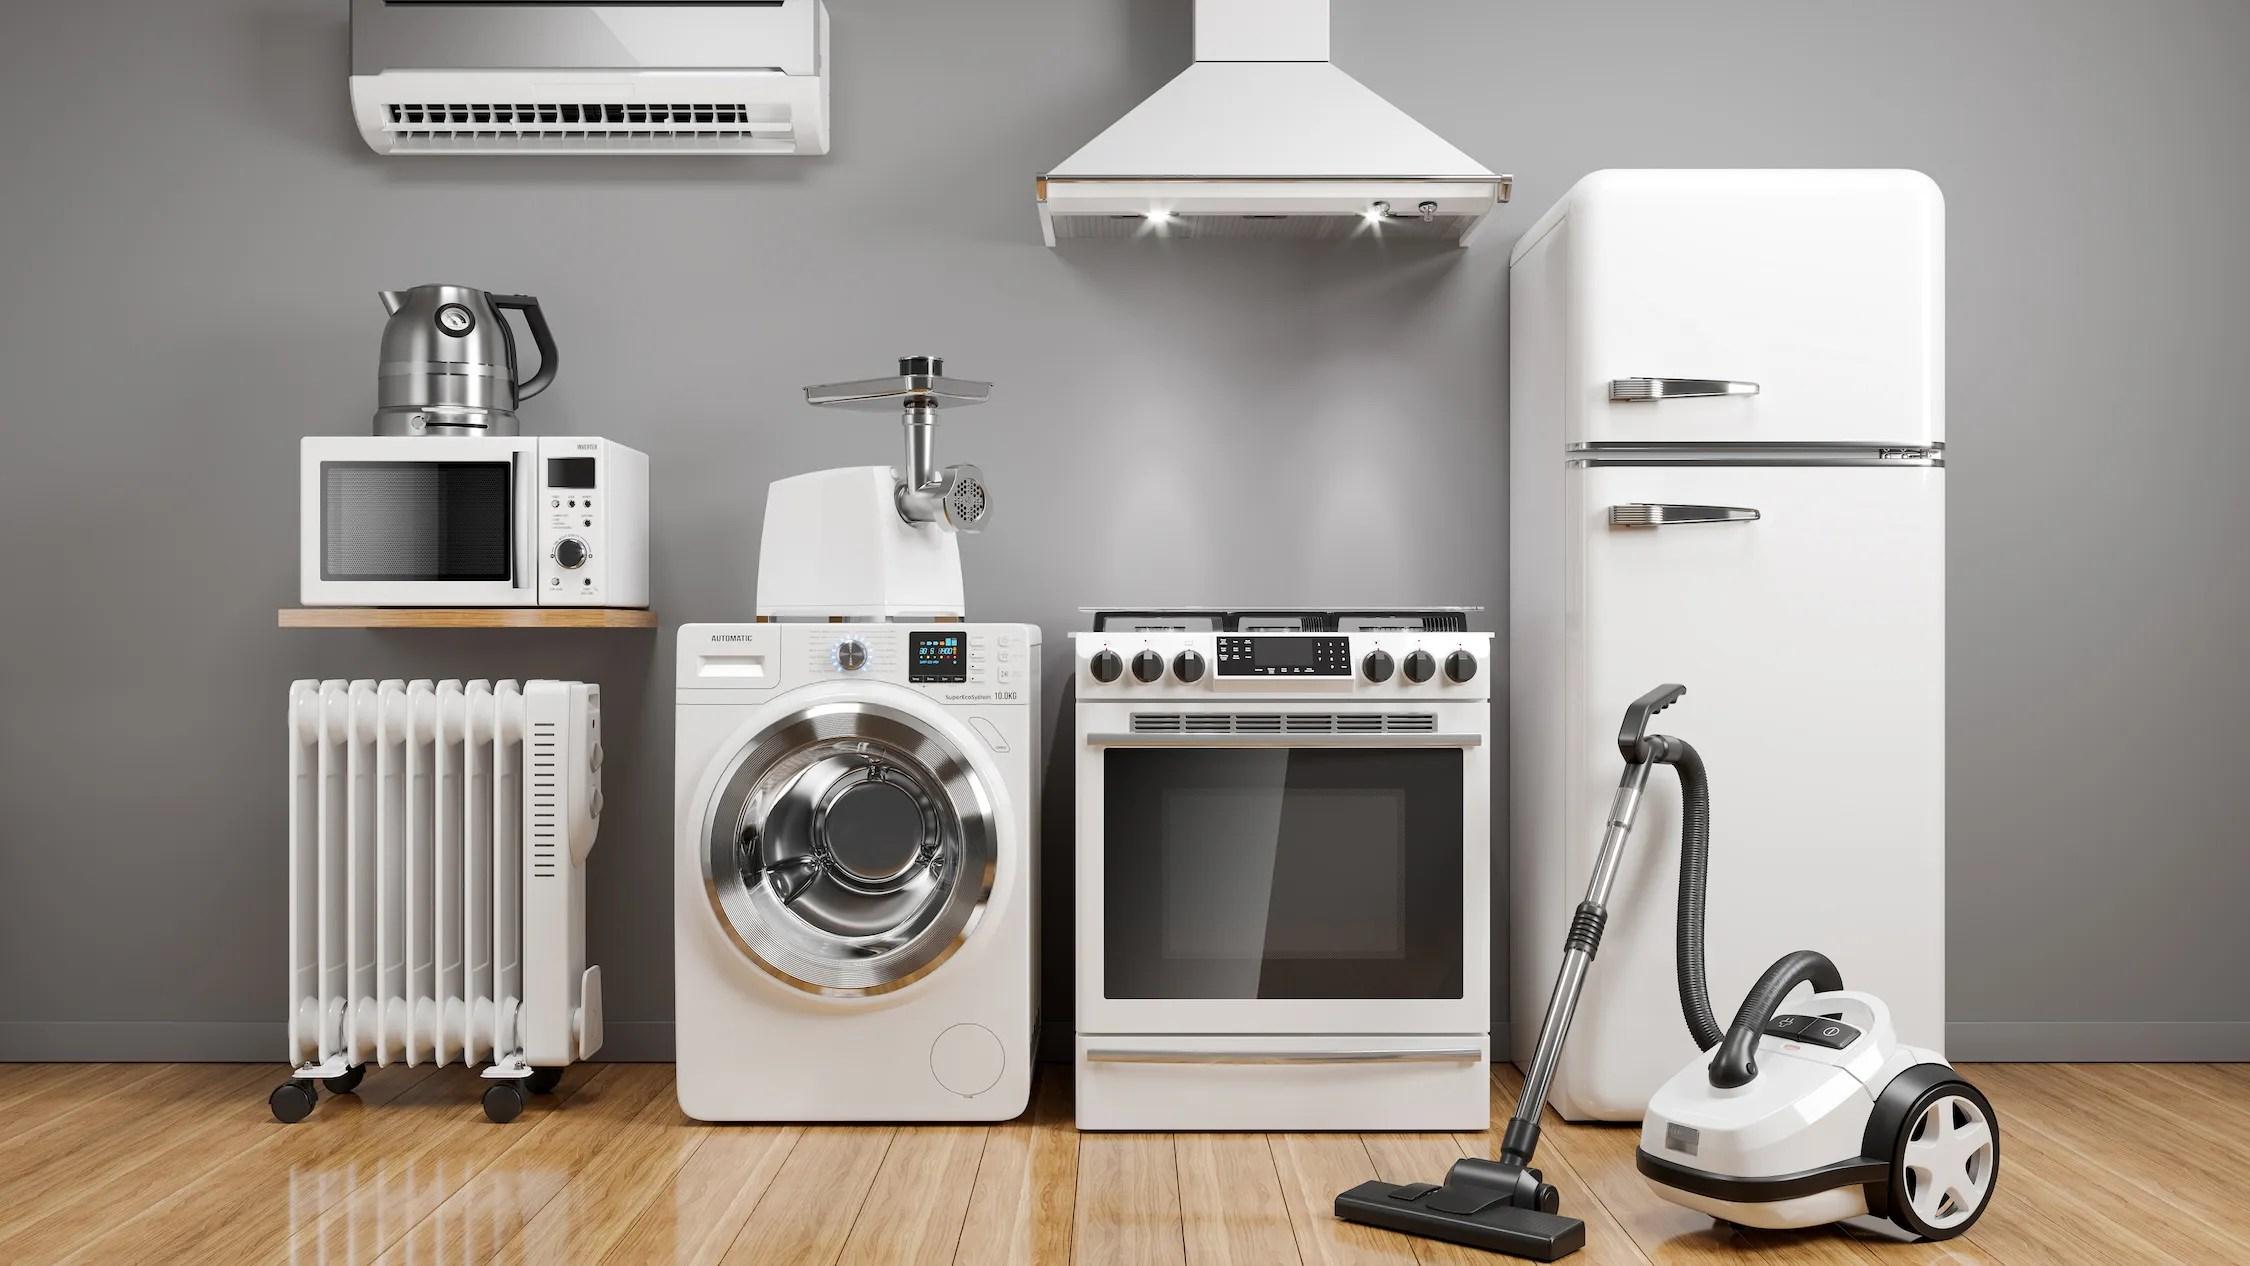 appliance sale best buy is offering up